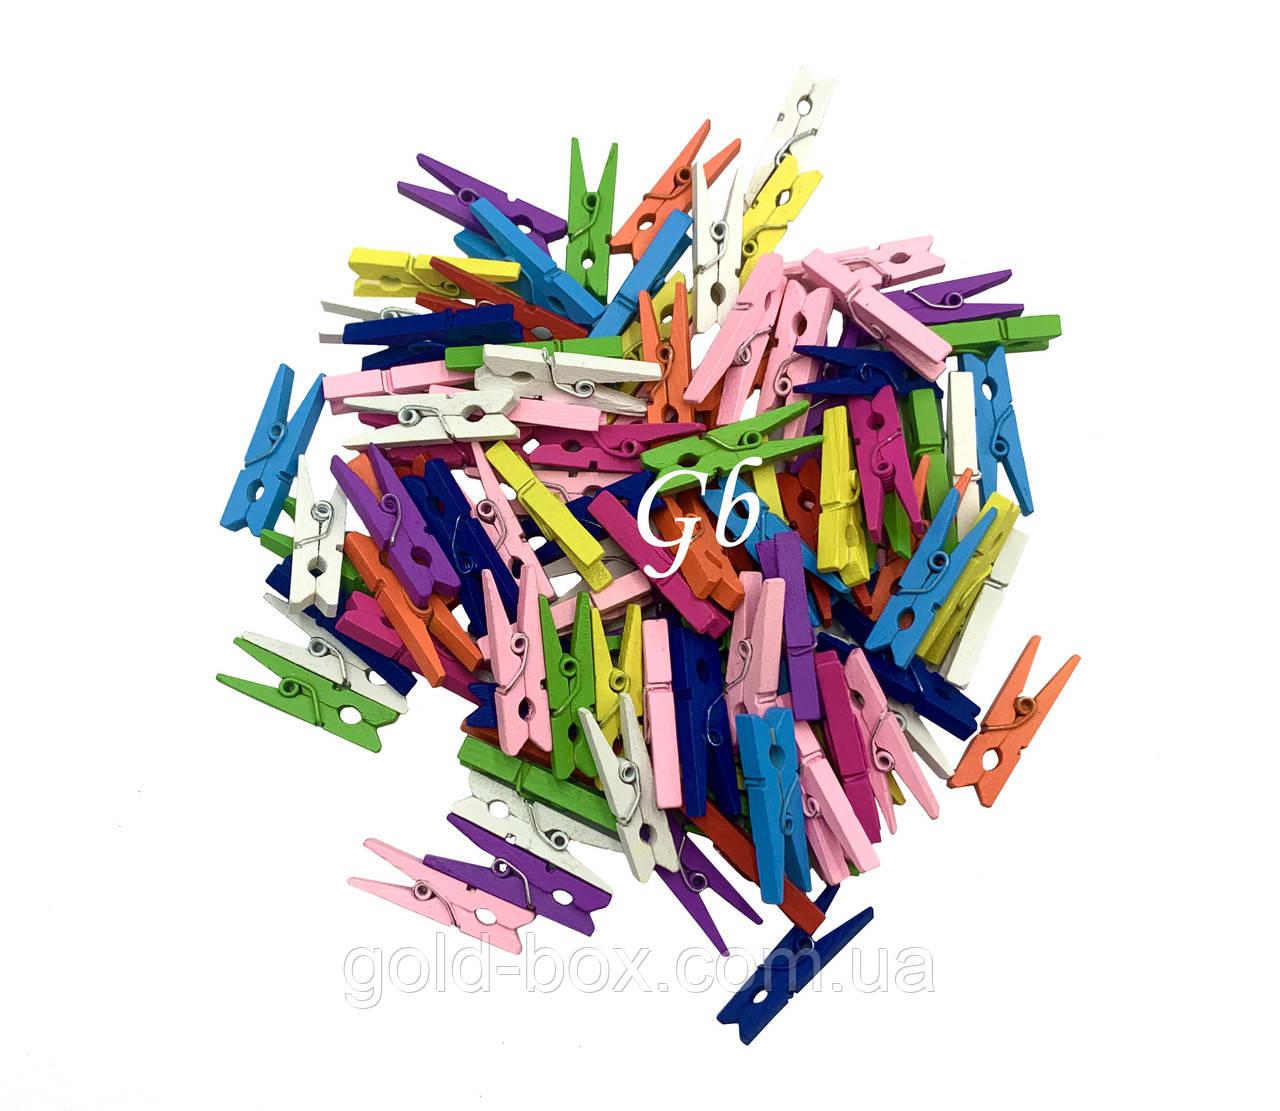 Декоративные прищепки цветные оптом 3см 1000шт оптом